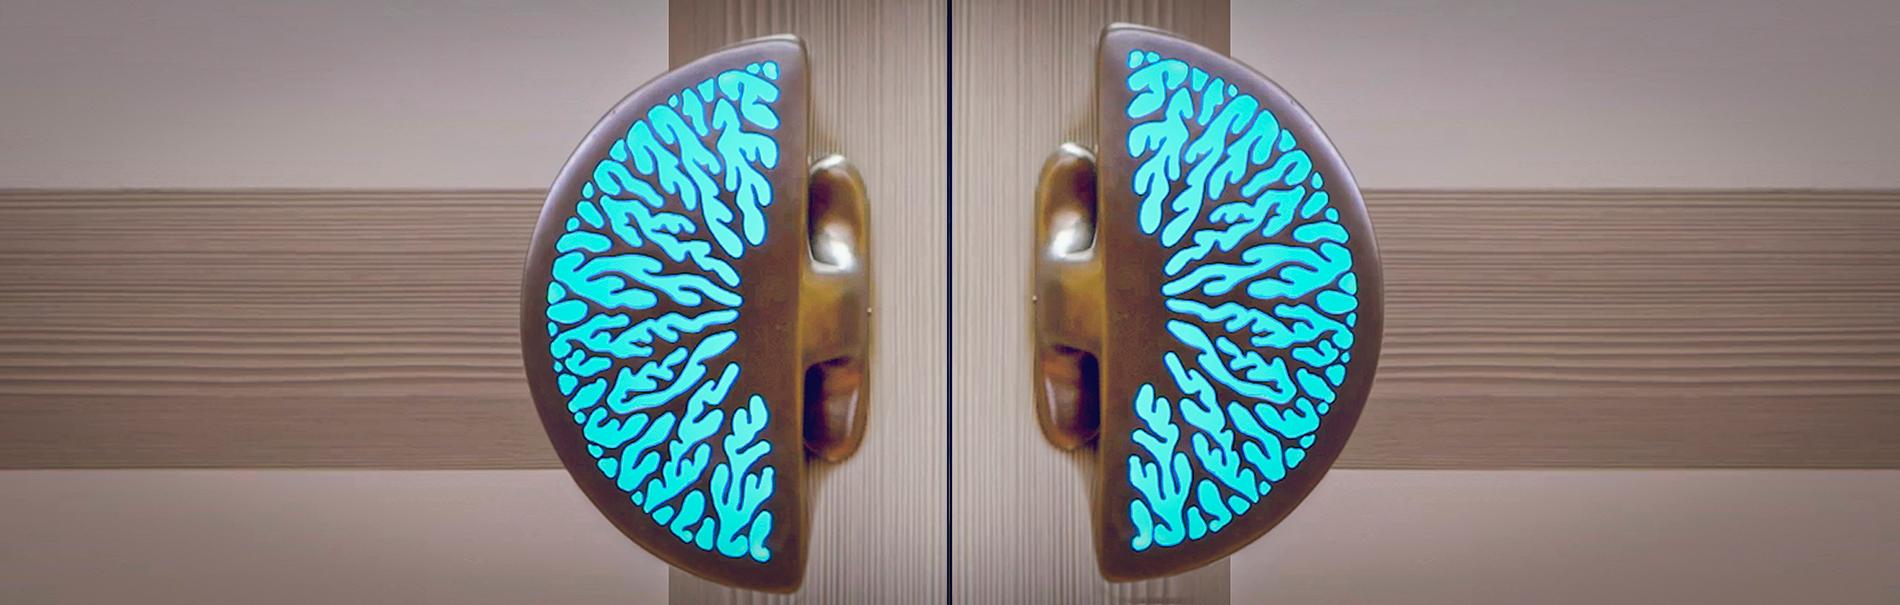 ILLUMINATED CORAL DOOR HANDLES  Uniquely crafted LED lit door handles   Coral Door Handles